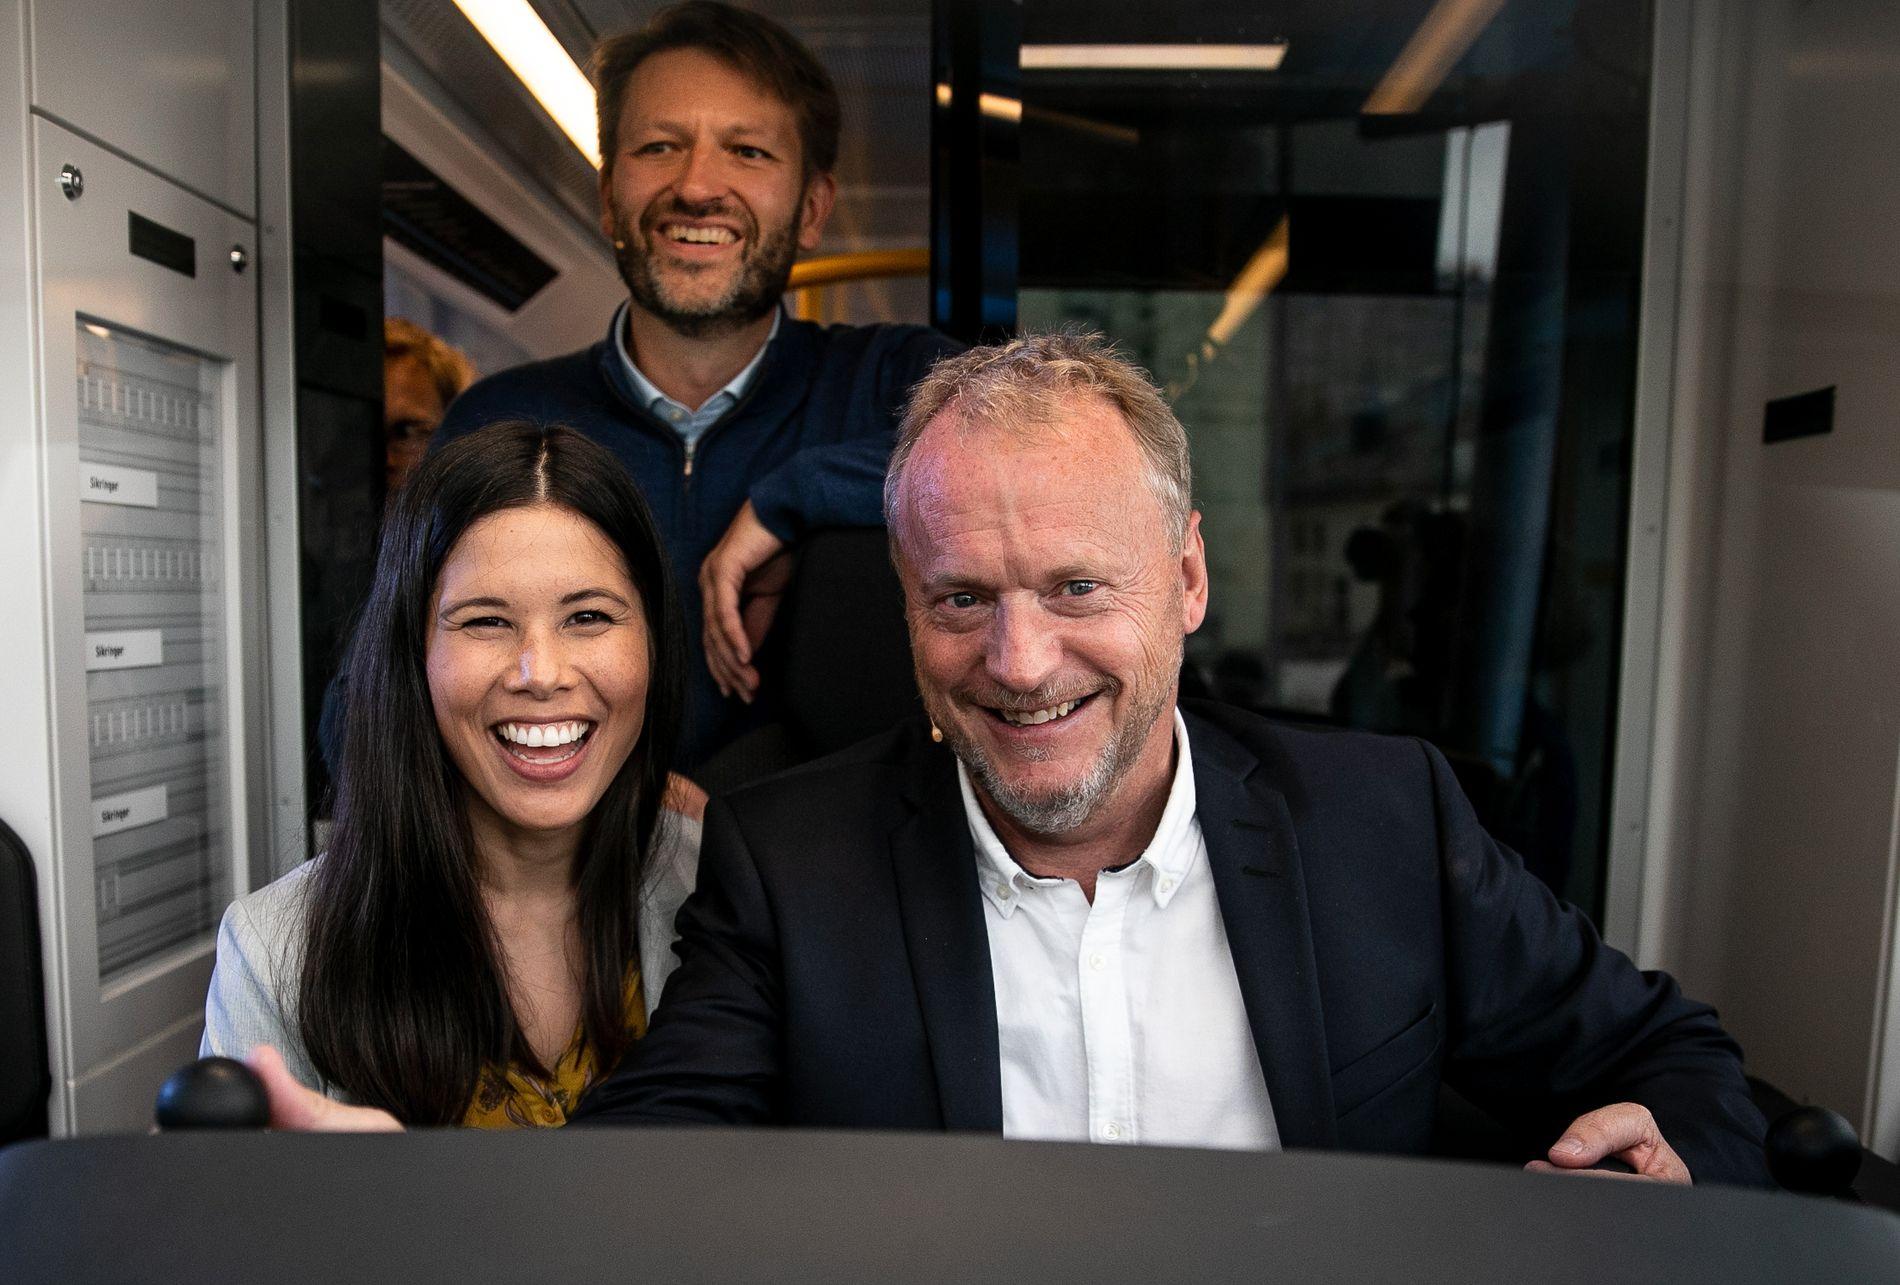 ANGREP BAKFRA: Høyres byrådsleder Eirik Lae Solberg frir til Lan Marie Nguyen Berg og De Grønne i et siste forsøk på å vippe Raymond Johansen ut av byrådslederstolen. Her avbildet da de prøvde nye trikk tidligere i valgkampen.